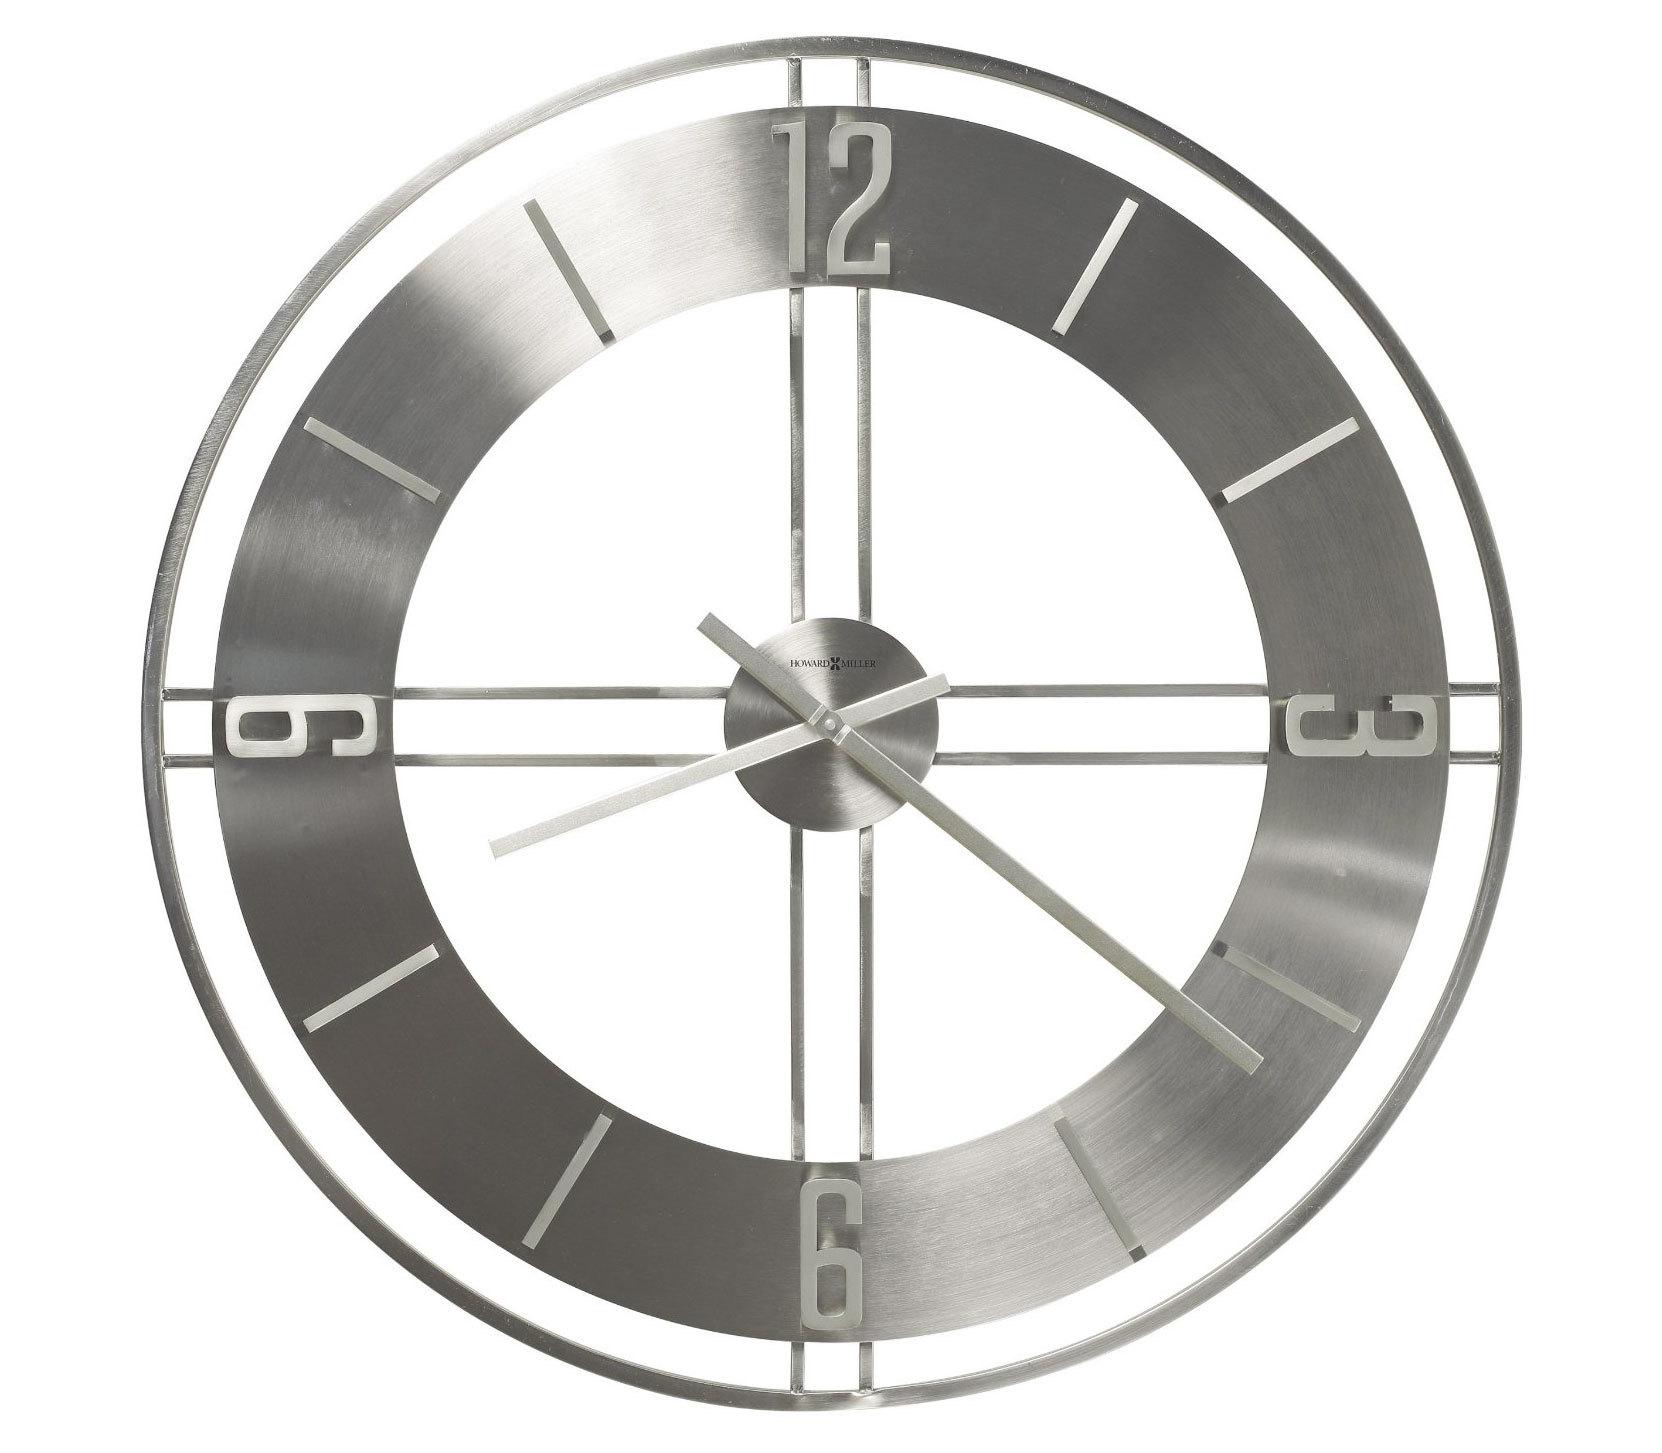 Часы настенные Часы настенные Howard Miller 625-520 Stapleton chasy-nastennye-howard-miller-625-520-stapleton-ssha.jpg